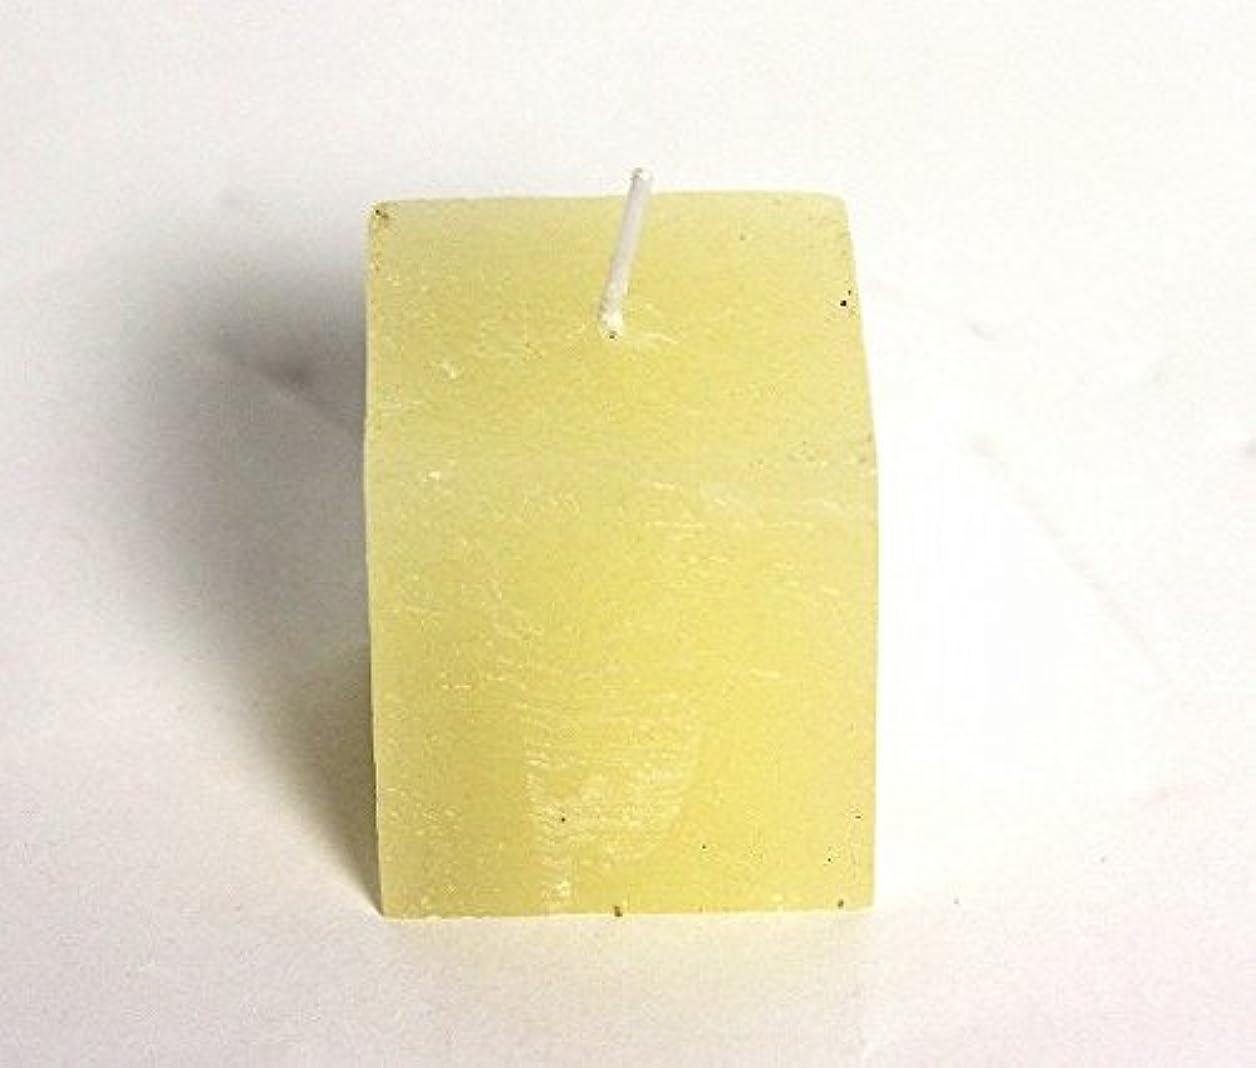 剃るさせる晩餐kameyama candle(カメヤマキャンドル) ラスティクミニキューブ 「 アイボリー 」(A4921000IV)